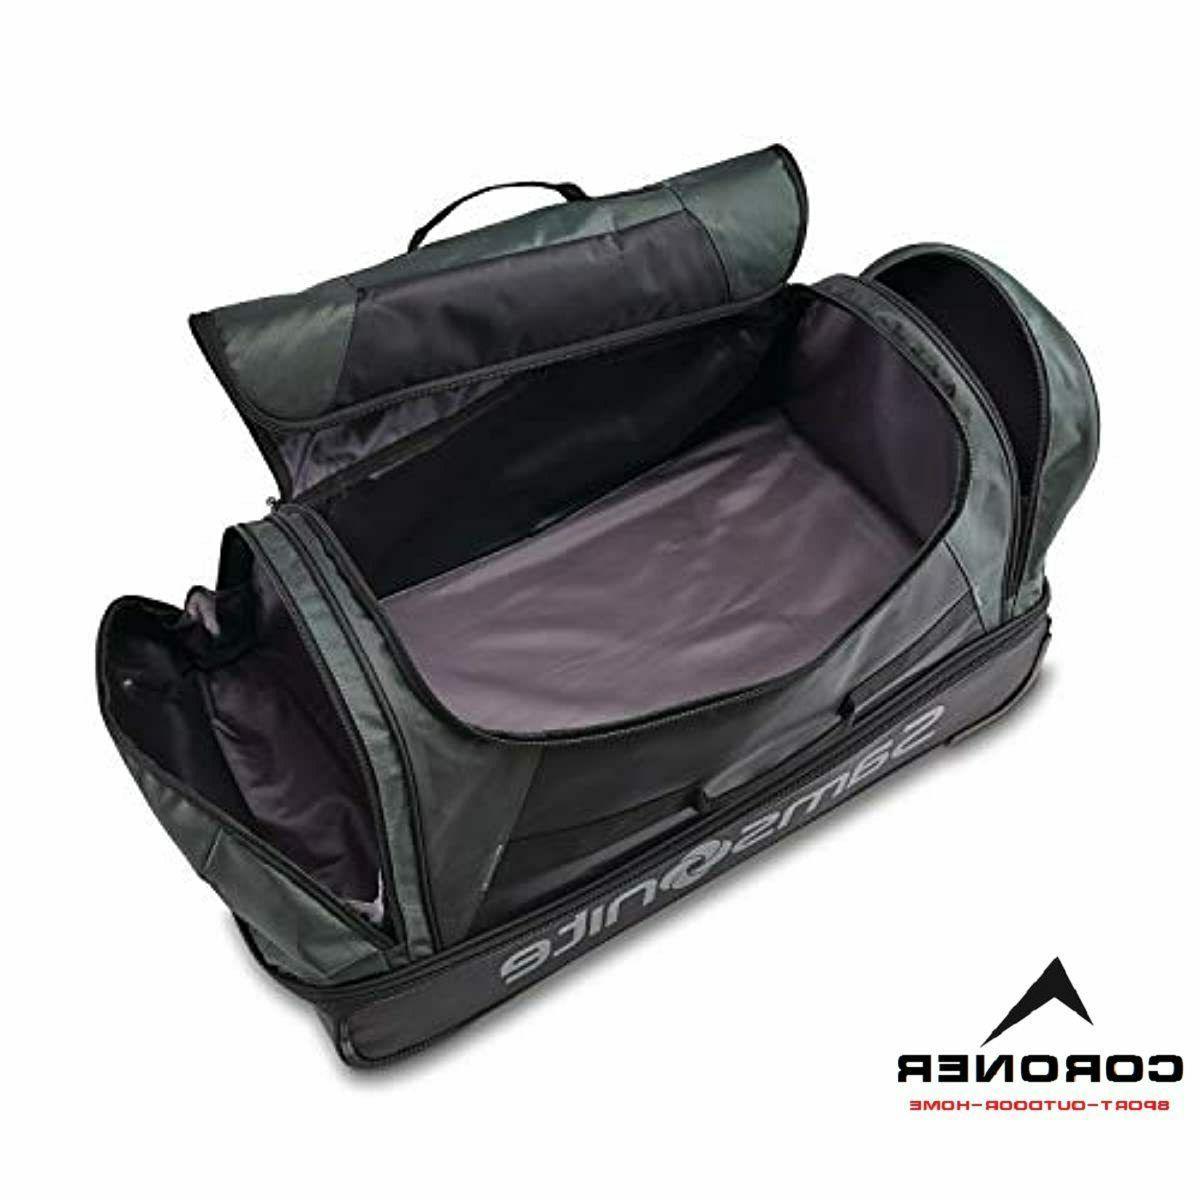 Samsonite Drop Bottom Rolling Bag, Moss